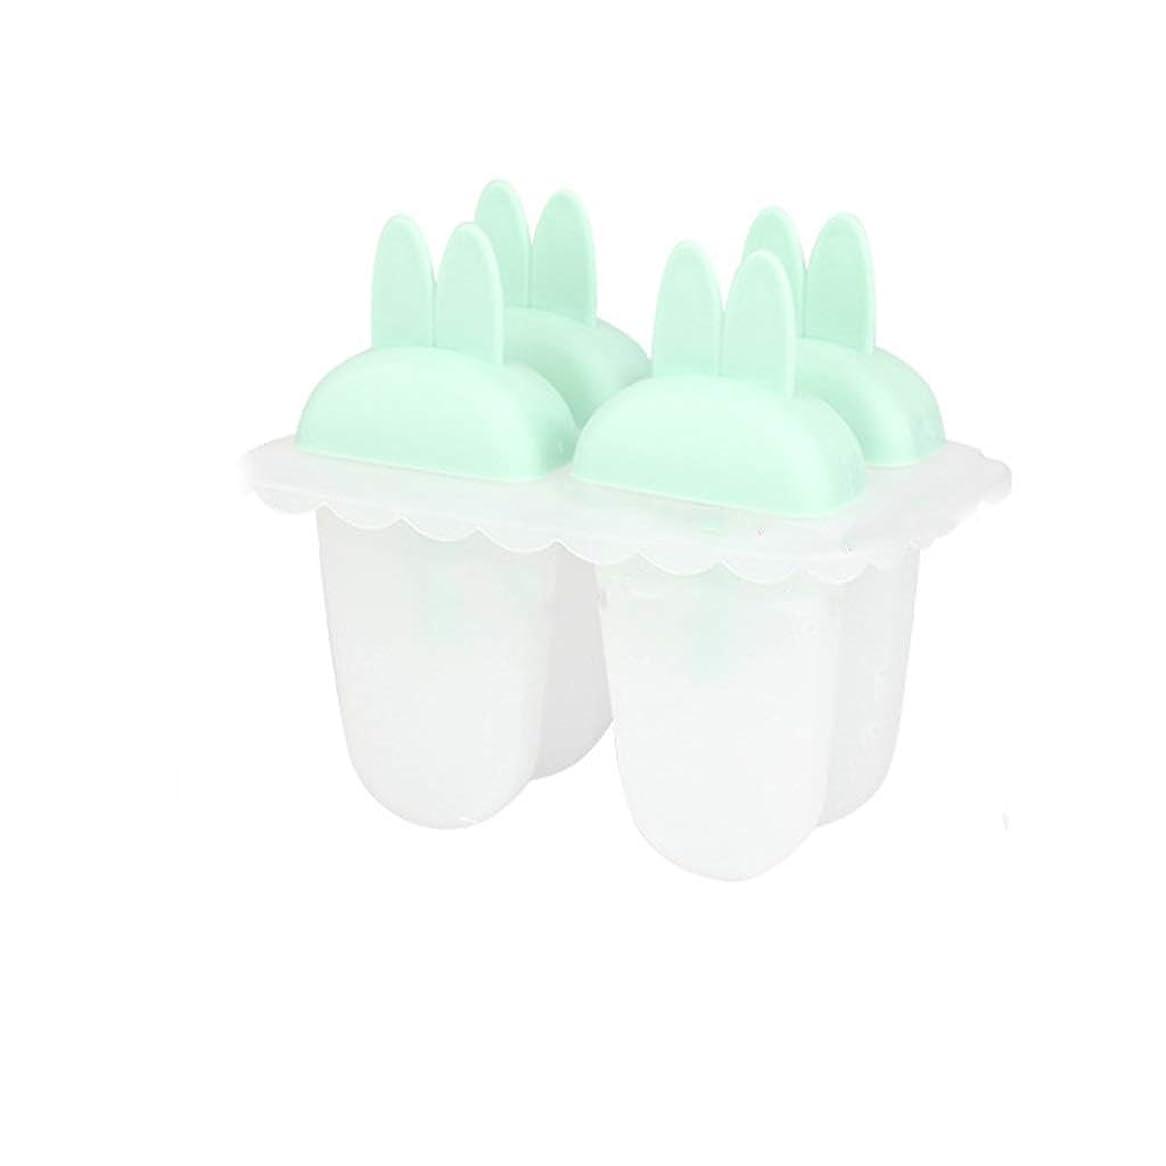 資源キャンプパラシュート製氷皿 製氷器 製氷機 フルーツアイスクリームアイスキューブモールドプラスチックPPアイスボックス漫画のアイスキャンデーモールド 取り出しやすい (色 : 緑, Size : Free size)